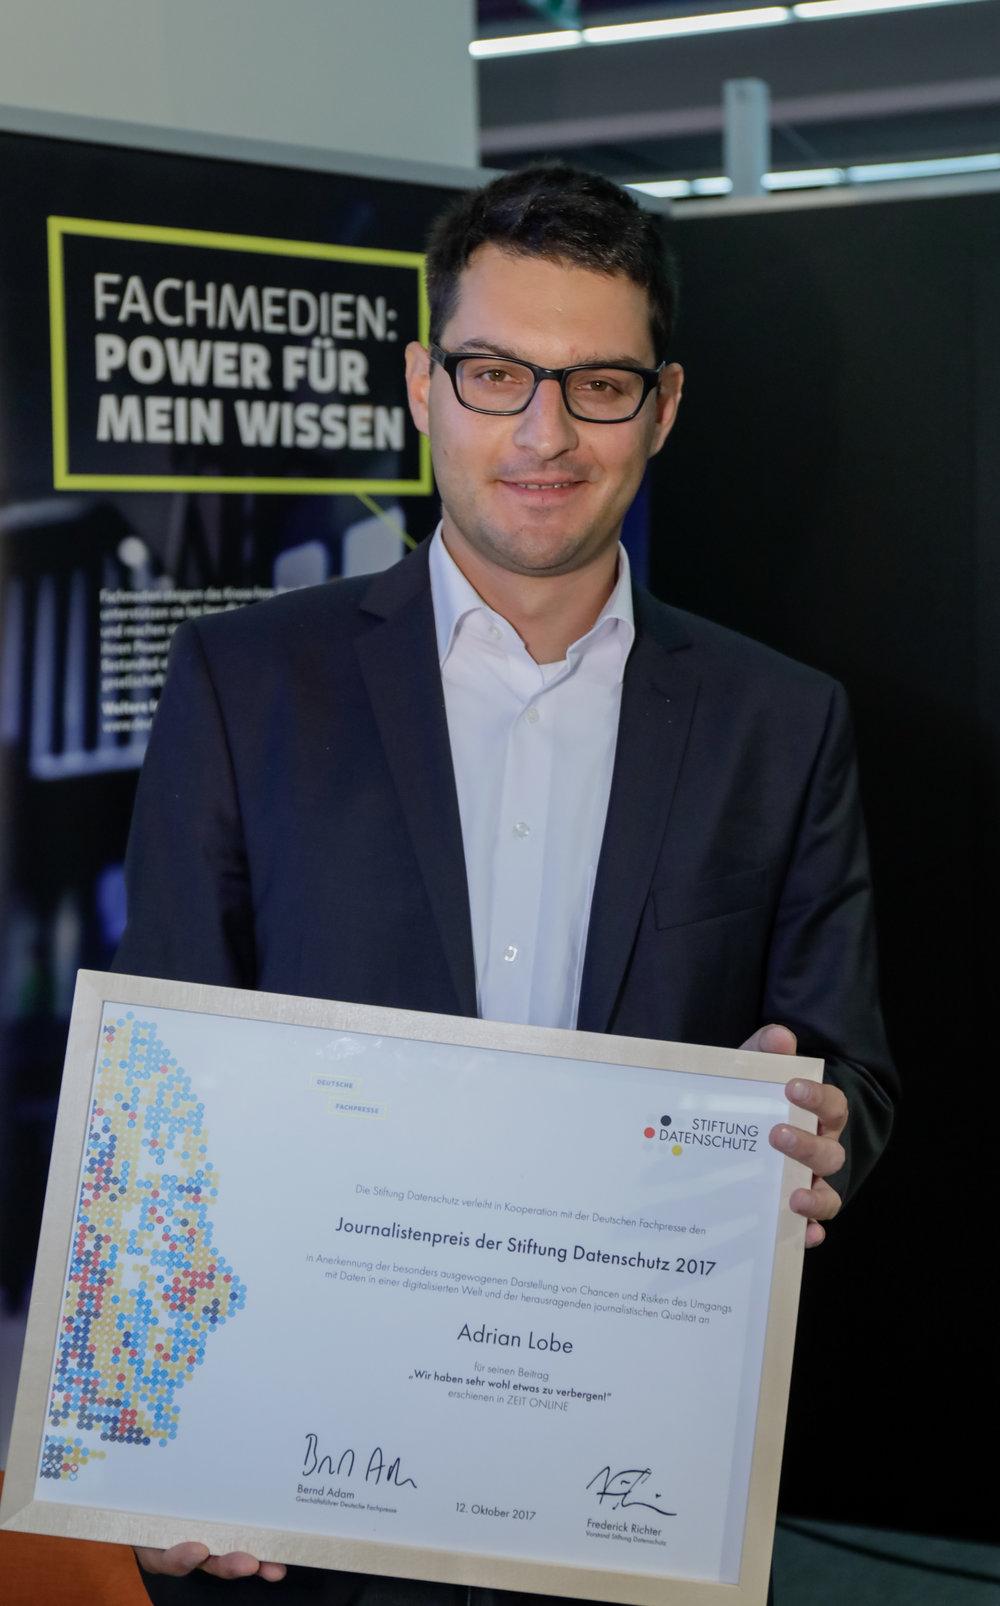 Adrian Lobe, Journalist und Preisträger des Journalistenpreises der Stiftung Datenschutz